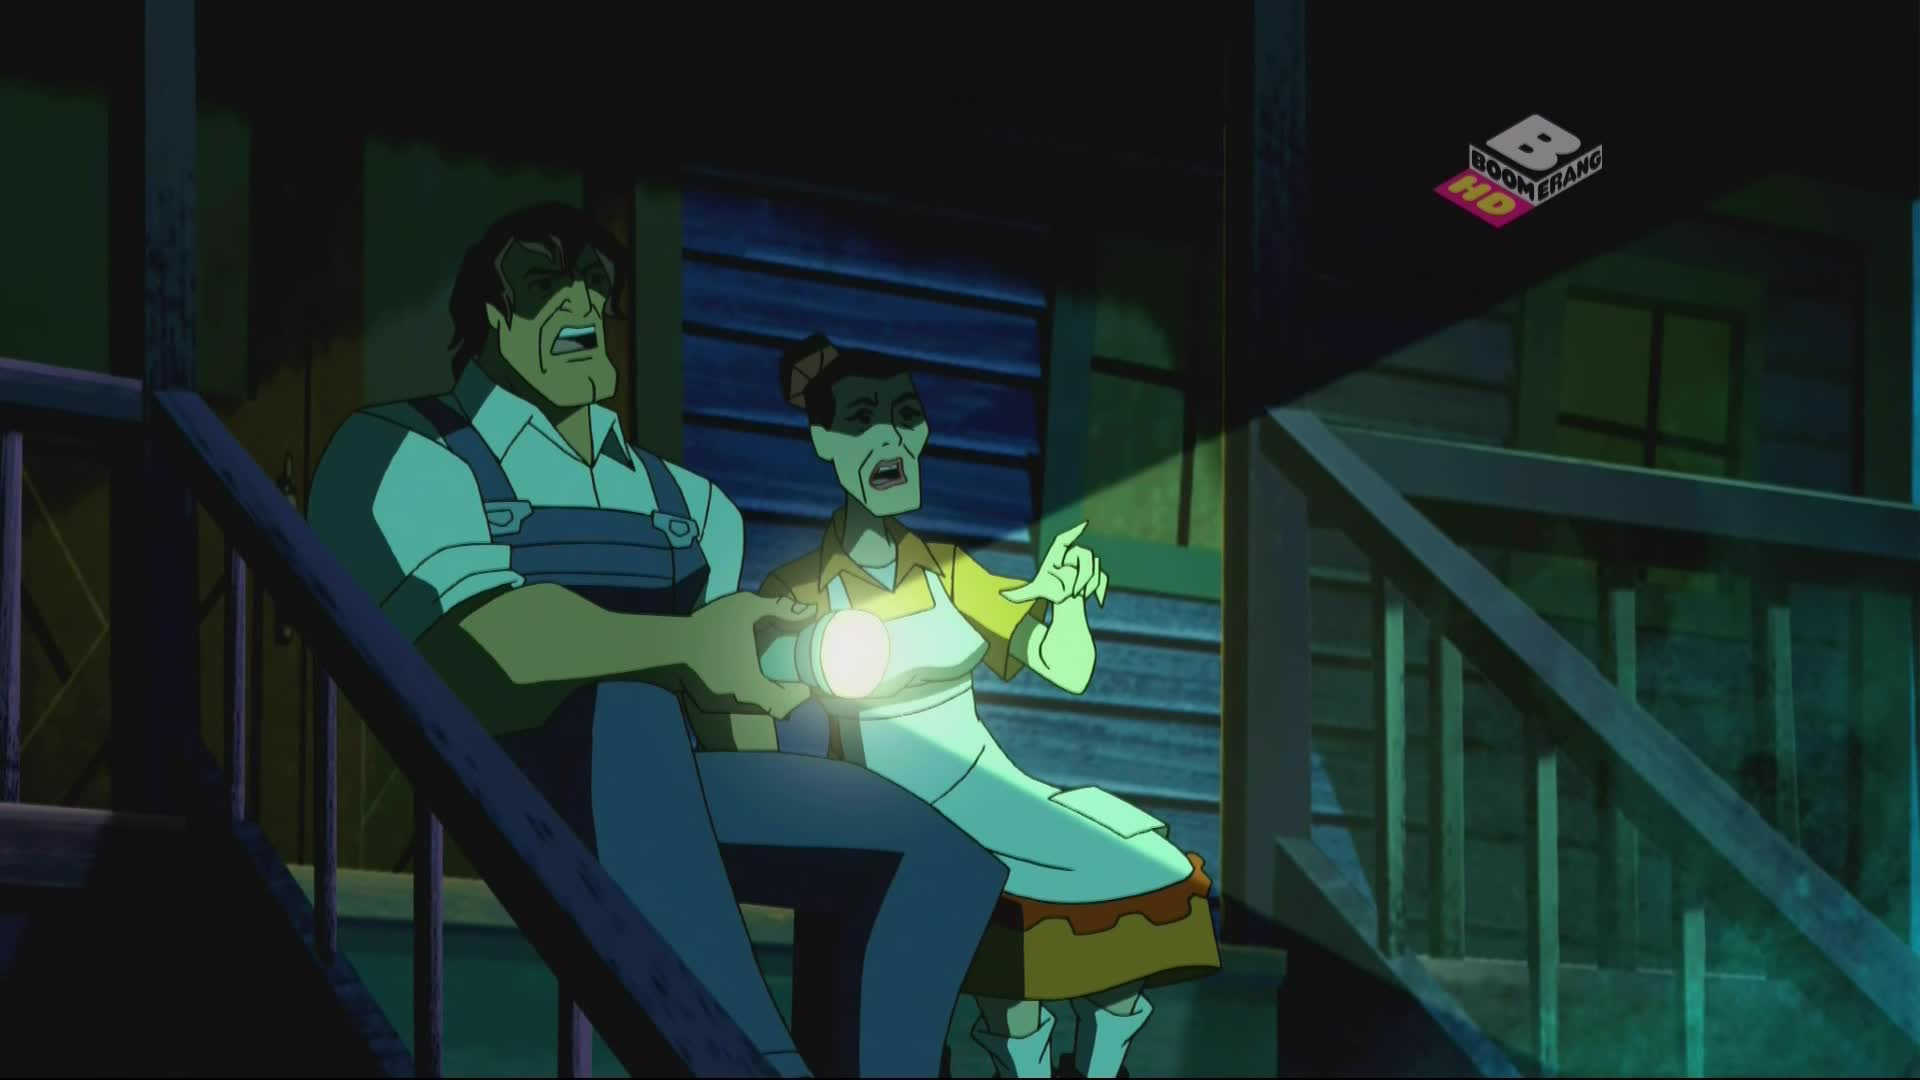 Scooby-Doo i Brygada Detektywów 1080p, odcinki 43-44: Straszliwe Stado/Taniec Nieumarłych